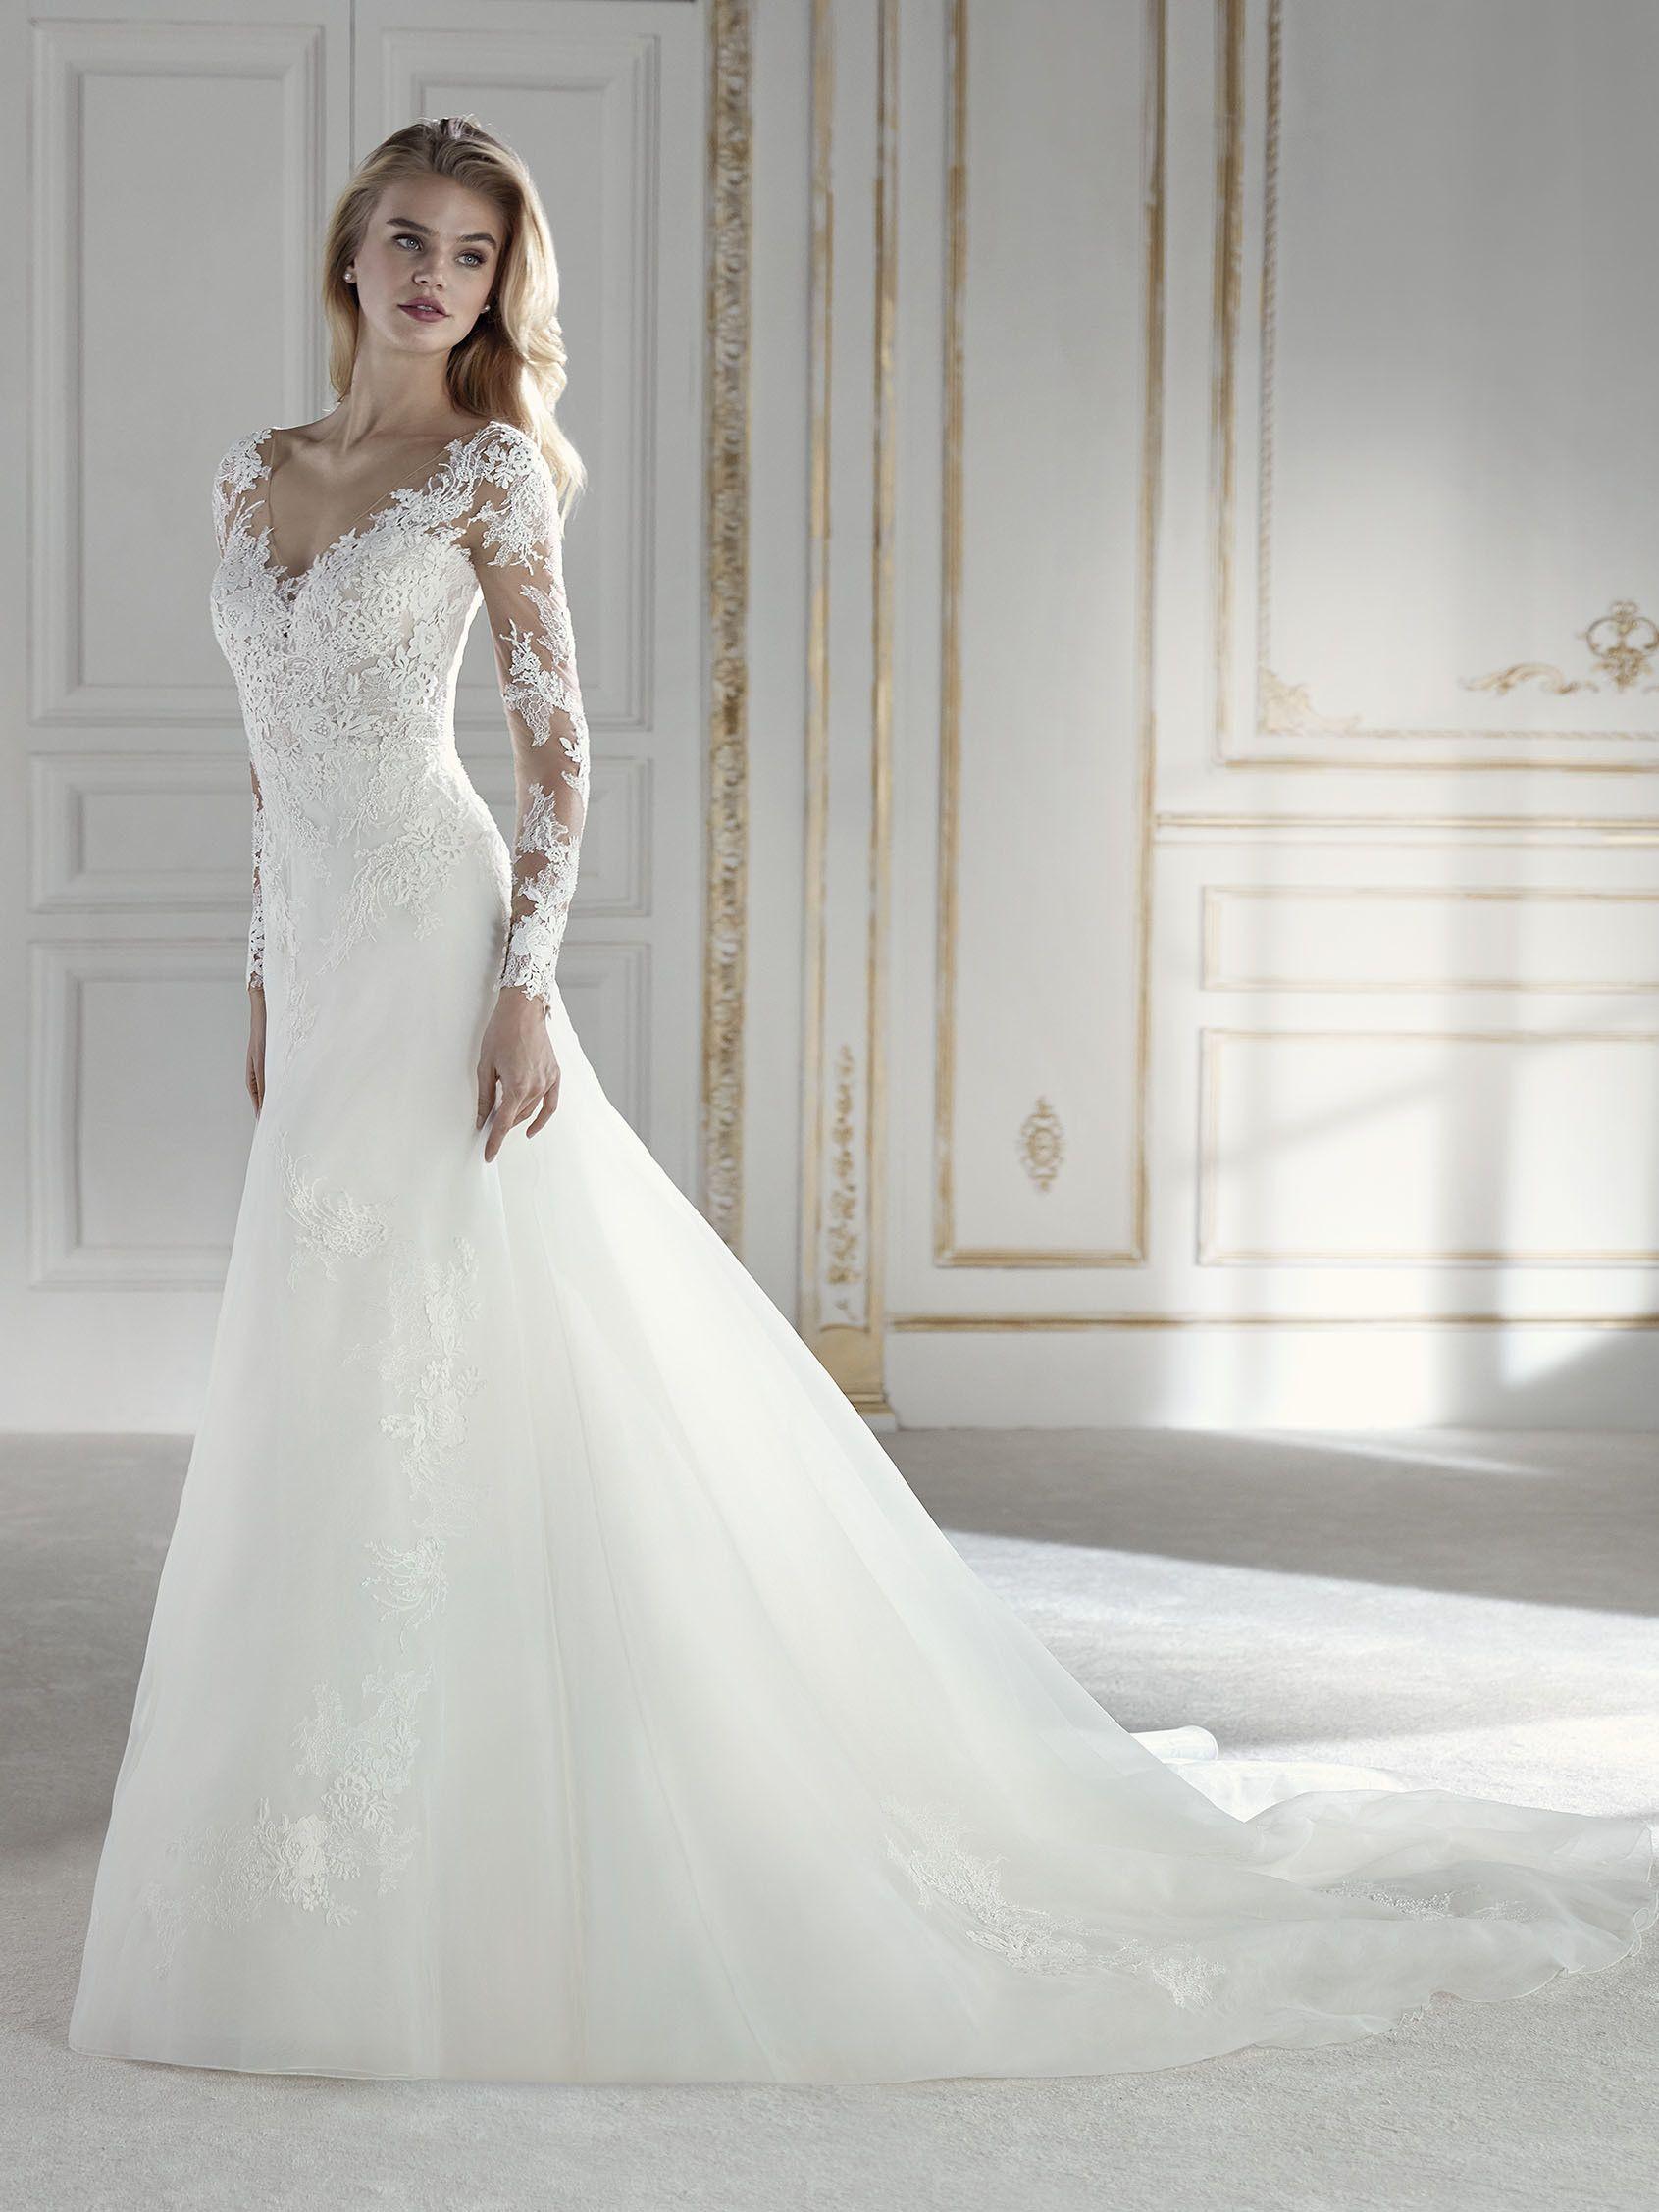 PINA Brautkleid im Meerjungfrau-Stil (met afbeeldingen